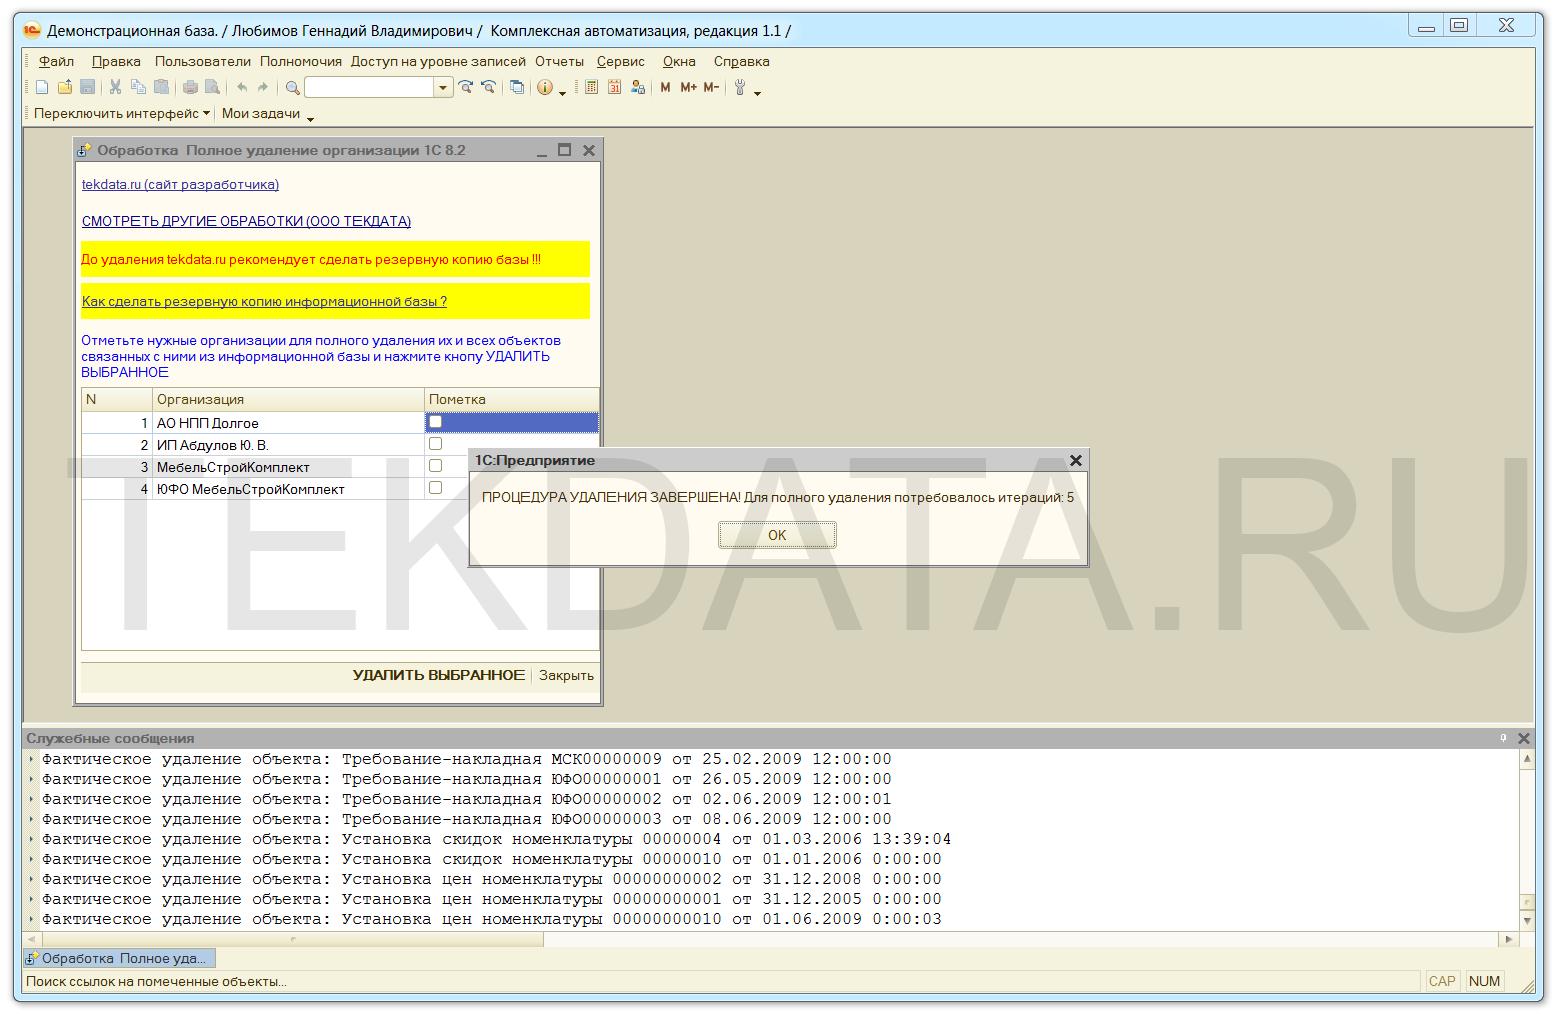 Удаление организации из 1С 8.2 (Действие 6) | tekdata.ru